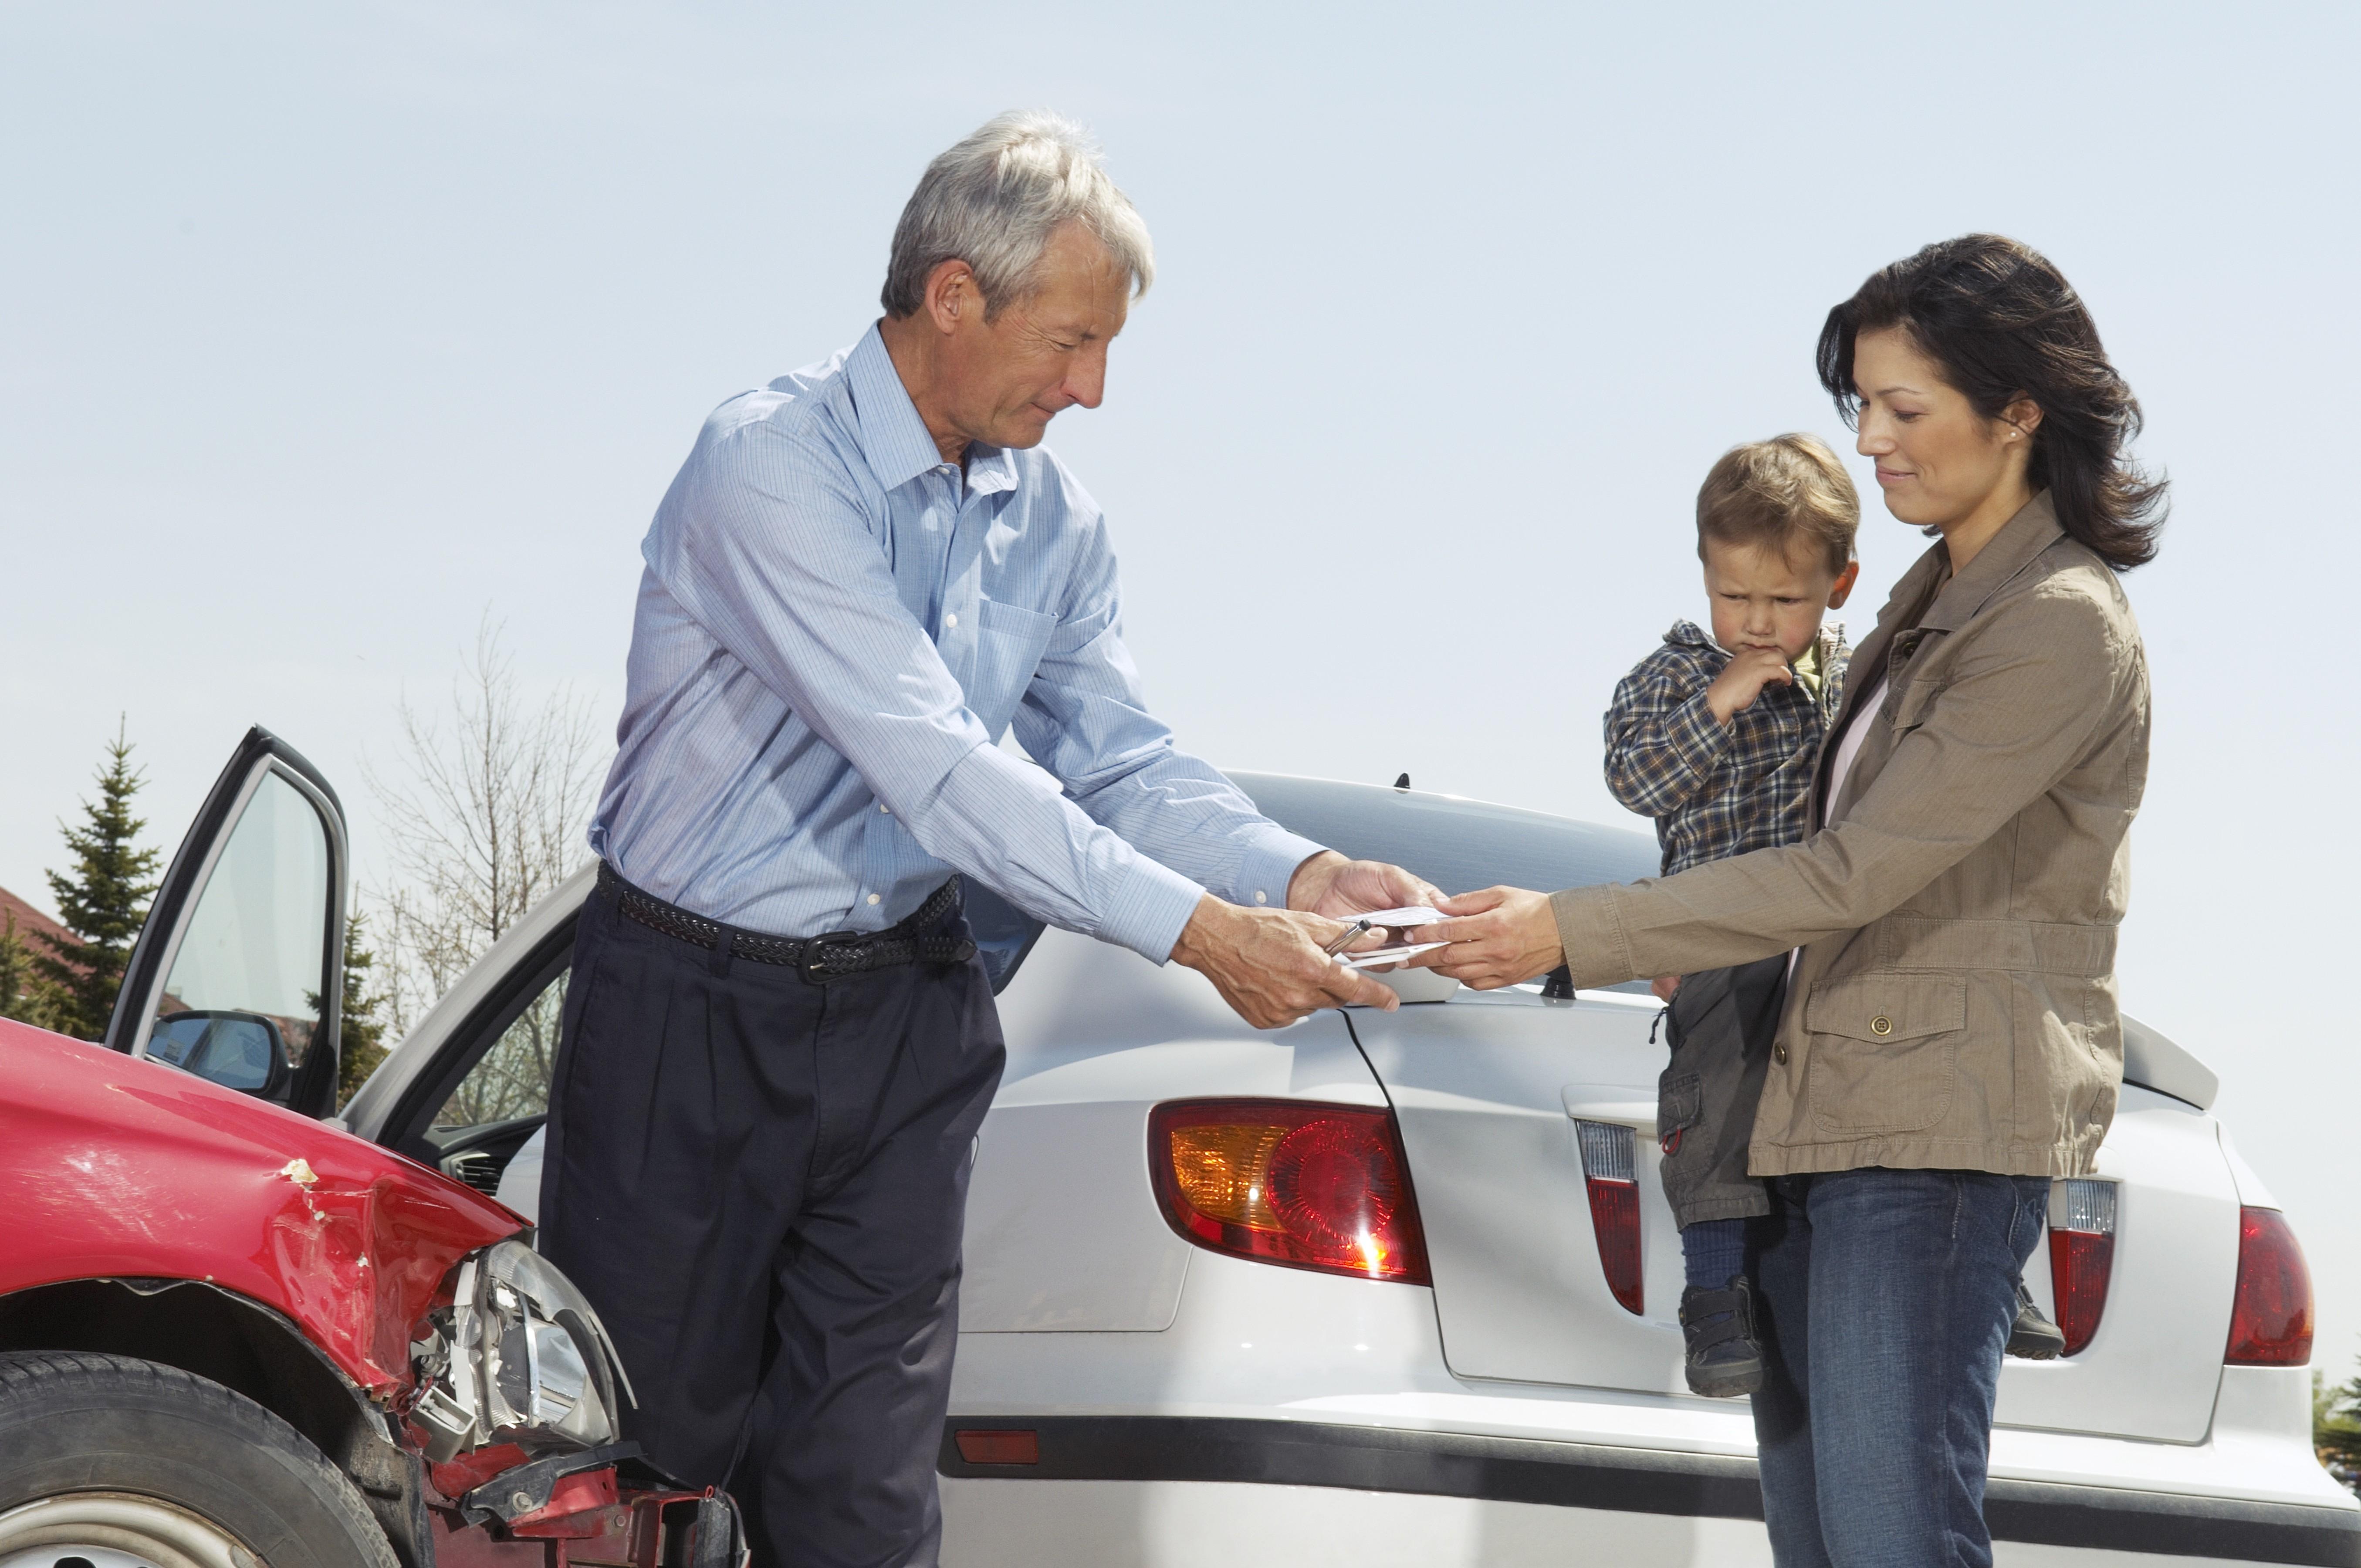 El seguro del coche puede incluirse en la compra-venta para el nuevo tomador.